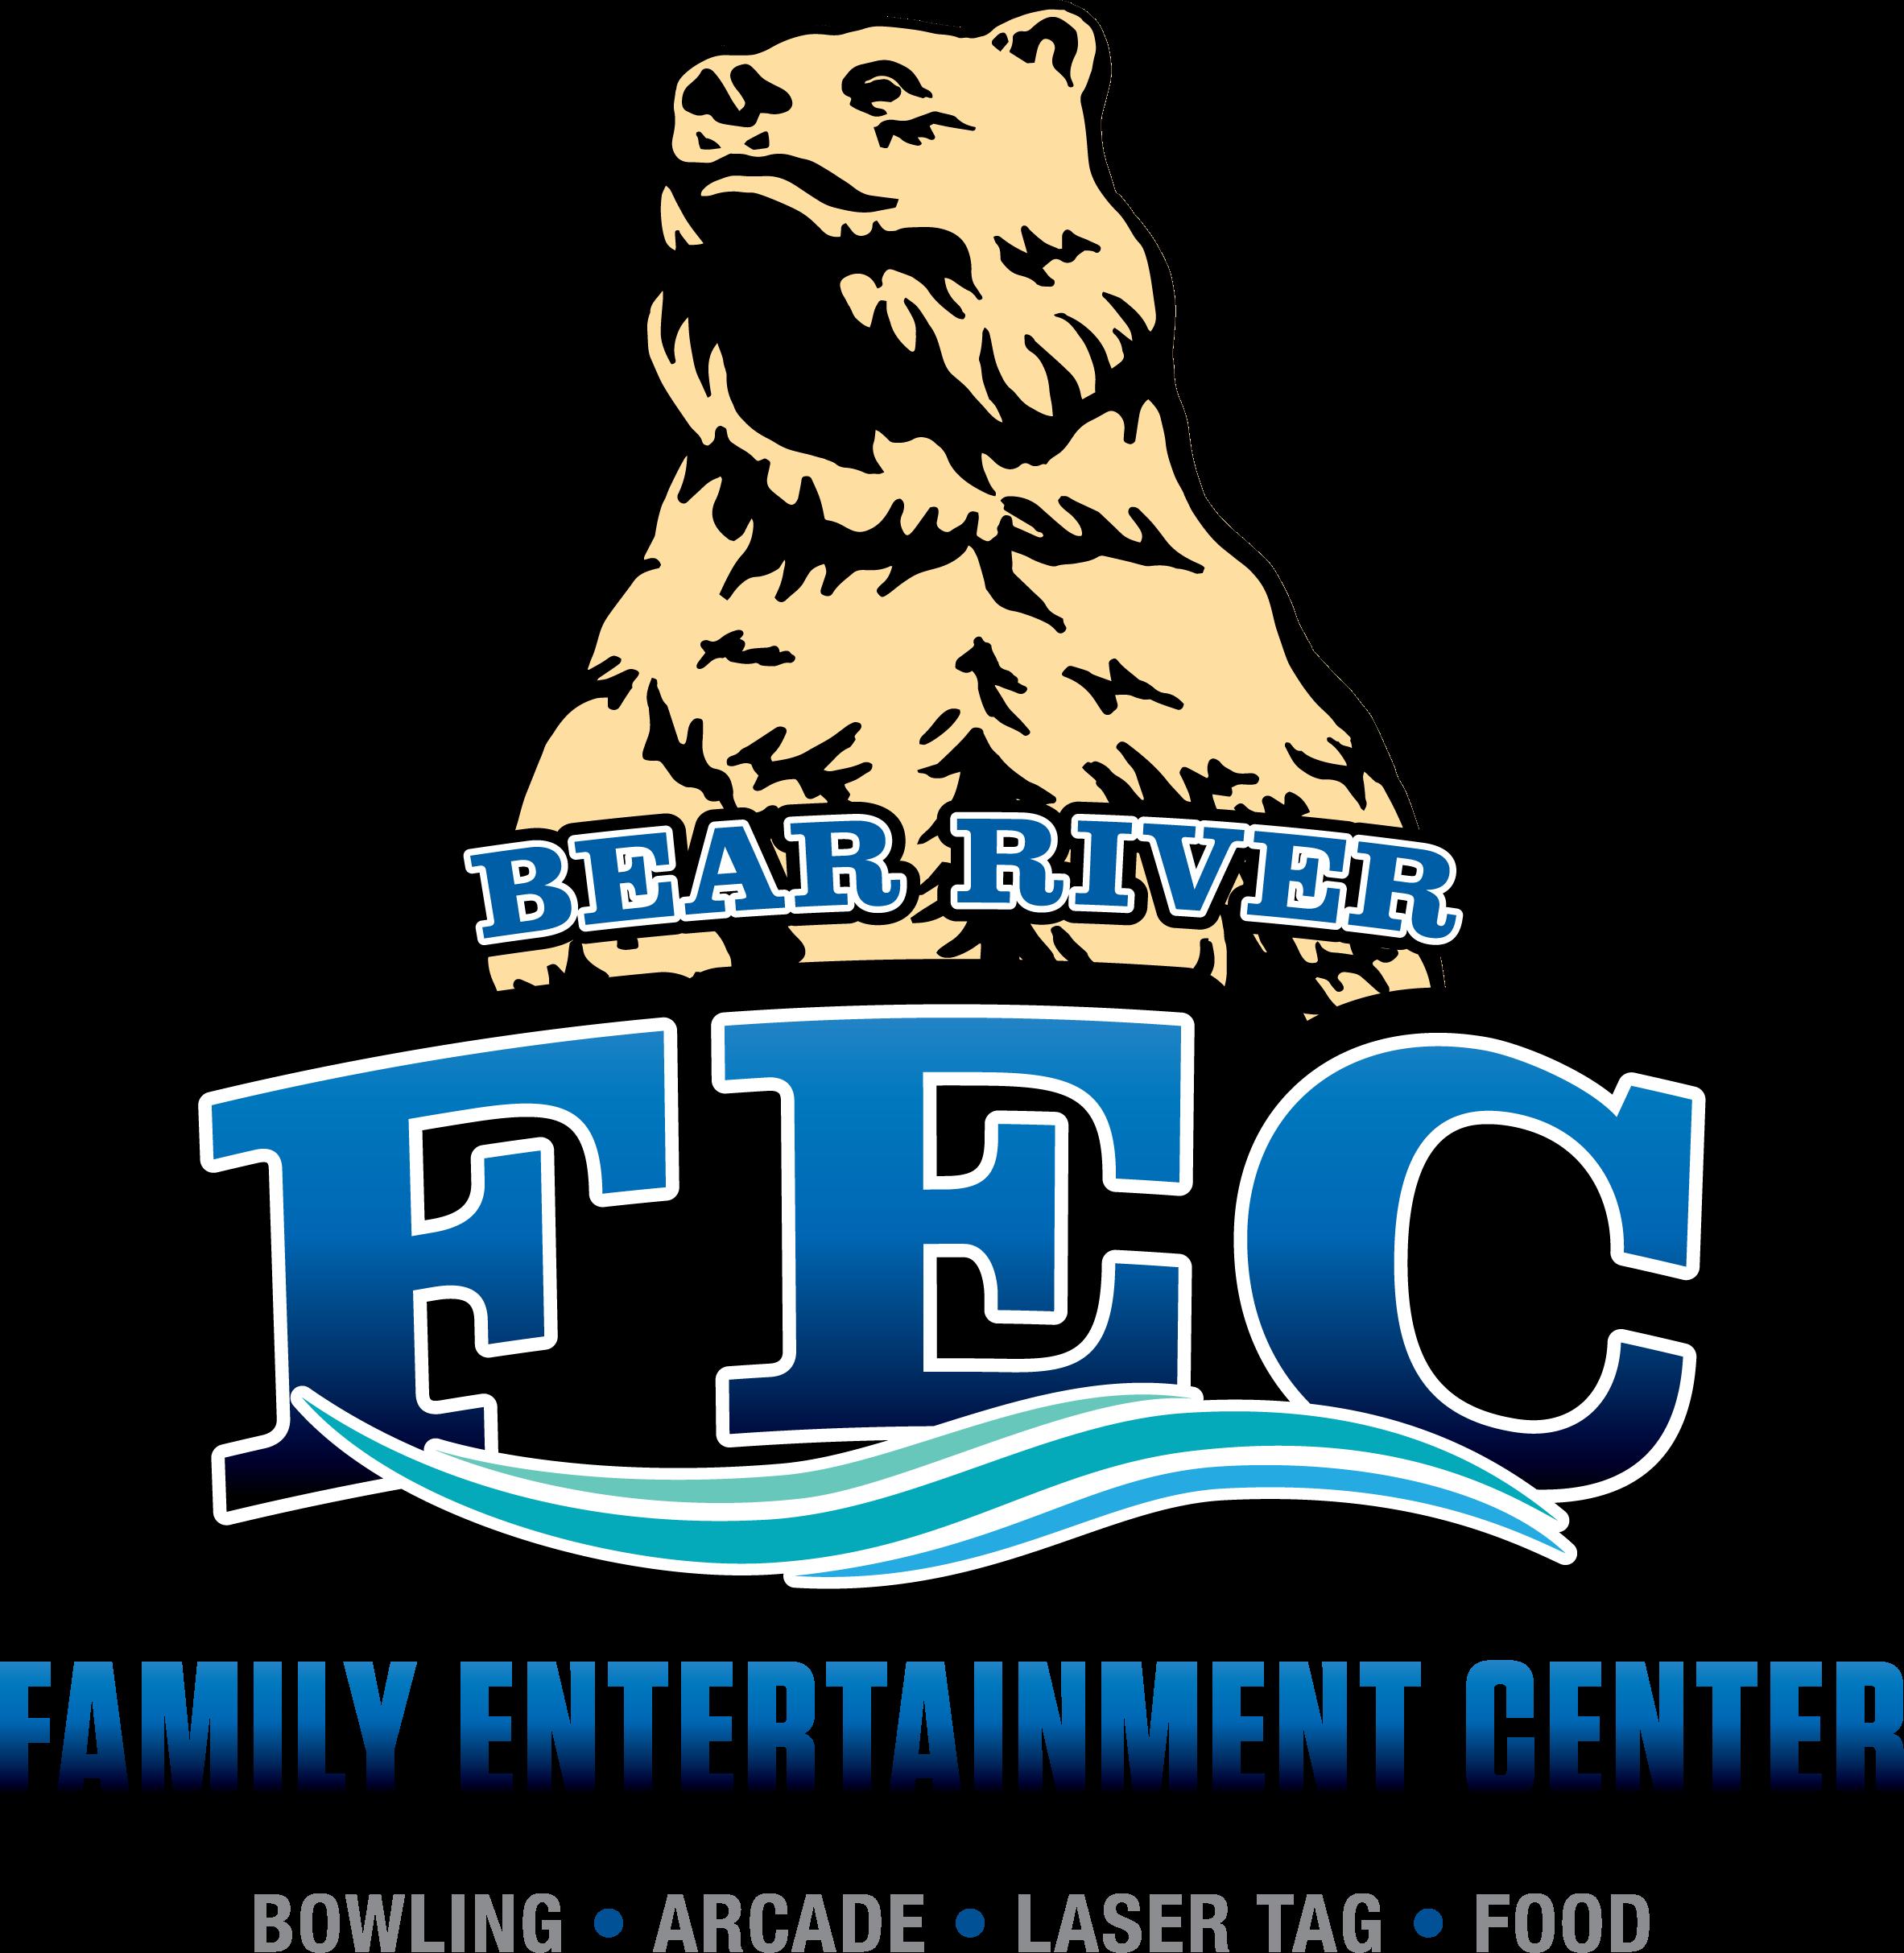 BR_FamEntCenter_Logo_CMYK.png